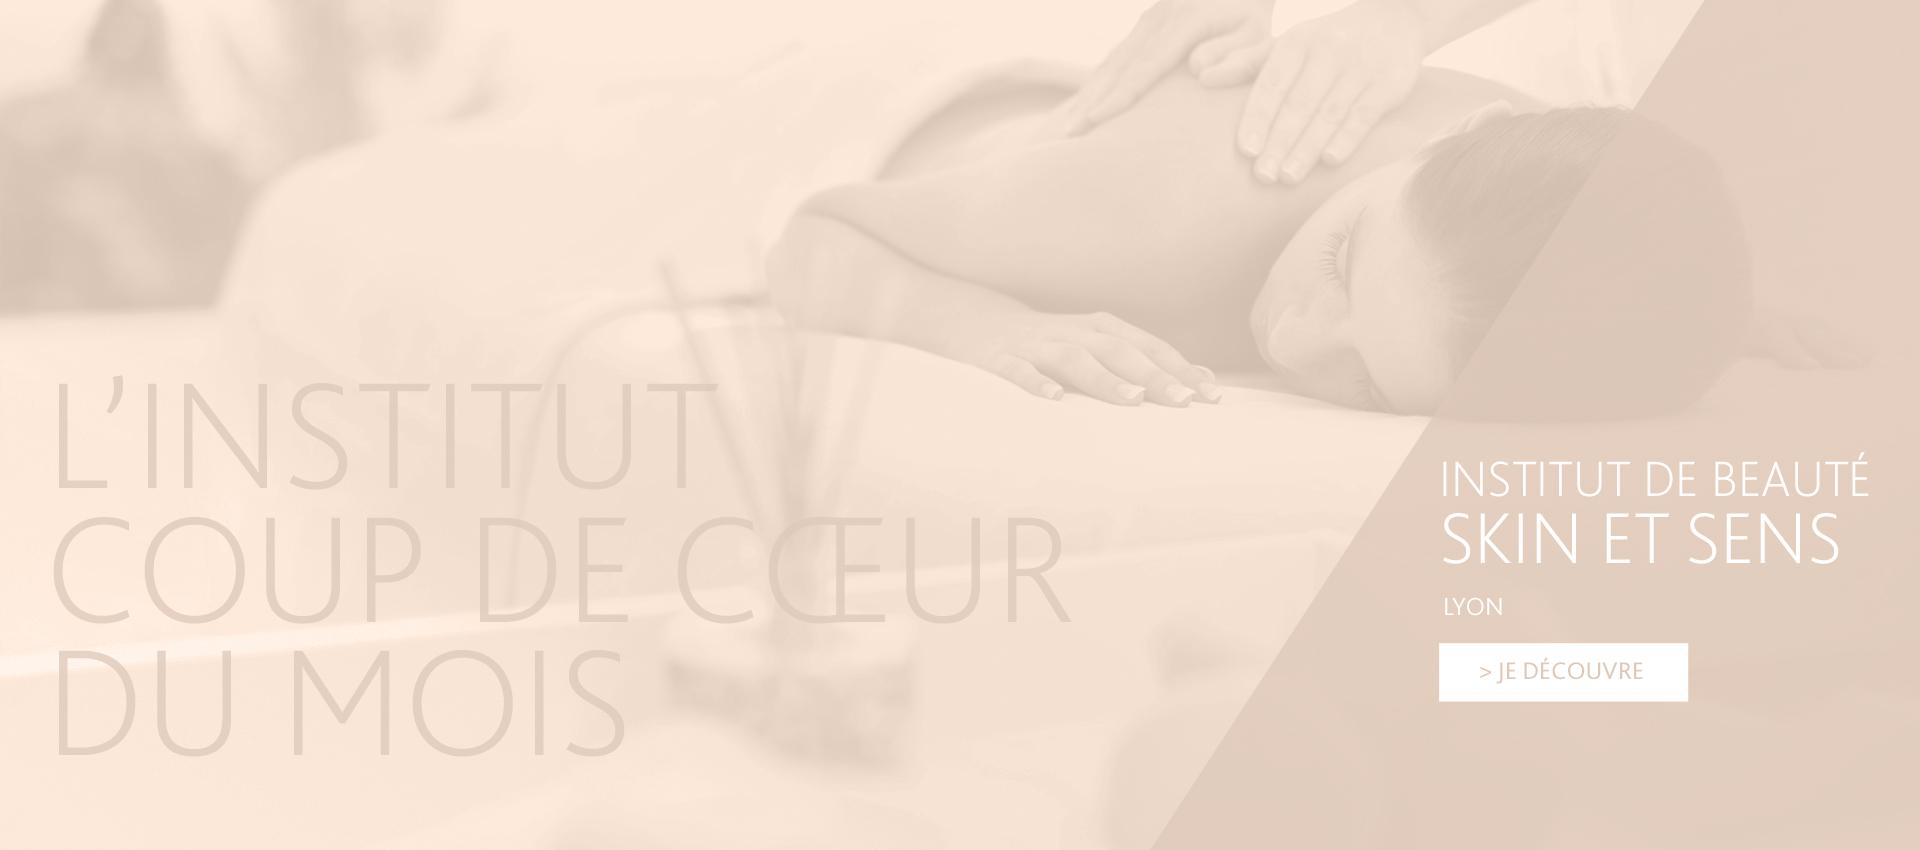 Institut coup de cœur du mois - Skin et Sens, Lyon